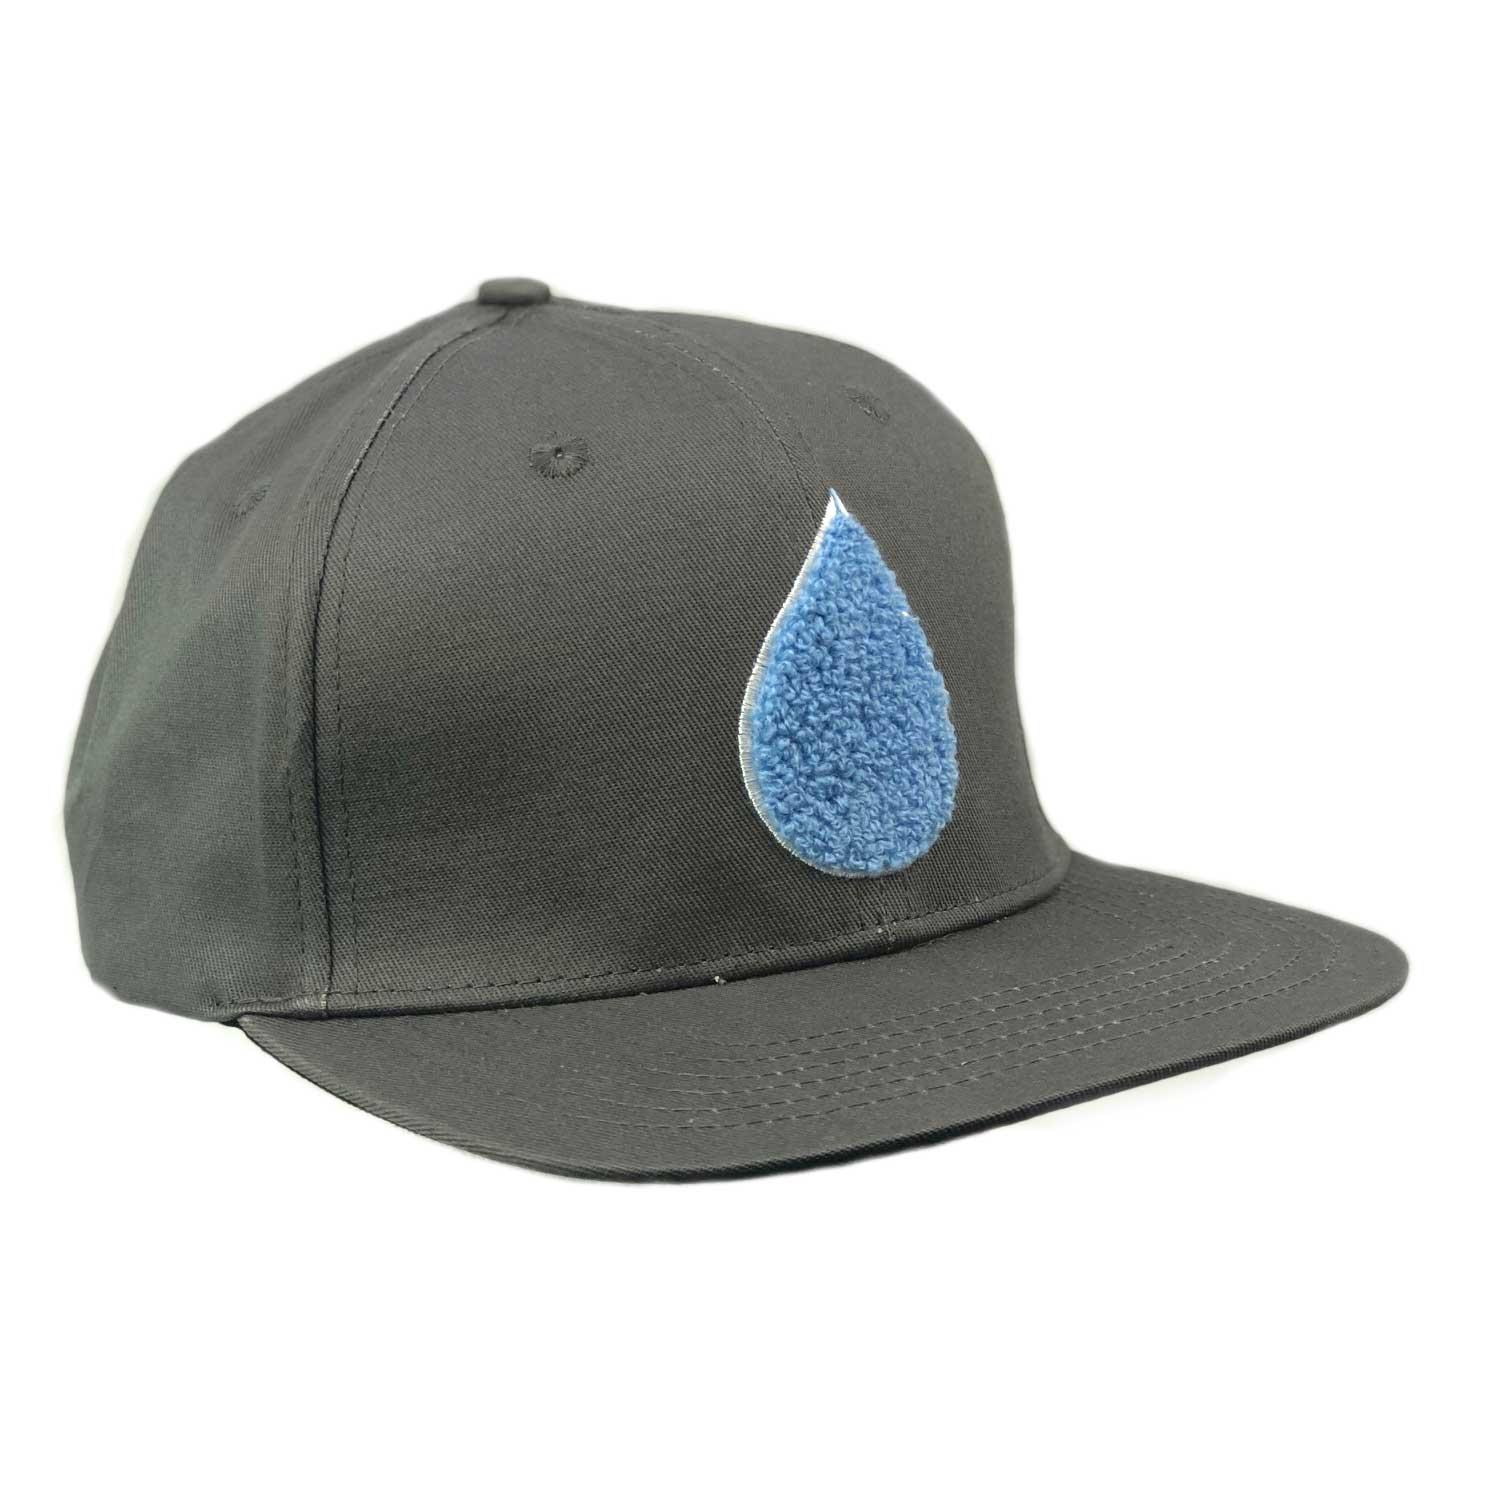 izm-hat-grey-front